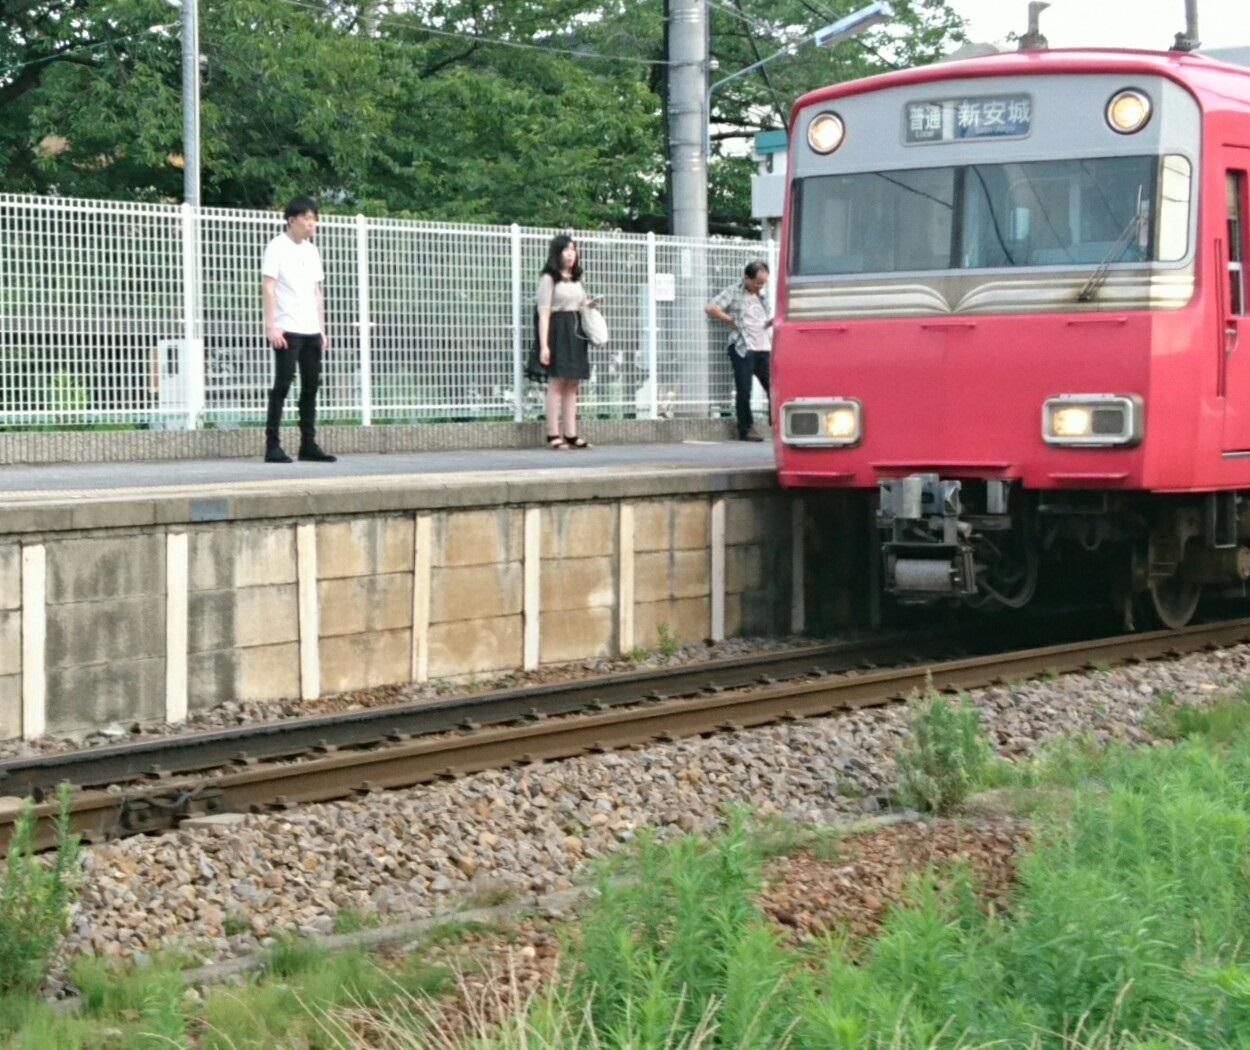 2017.7.1 えきそうじ (3) 古井 - しんあんじょういきふつう 1250-1050